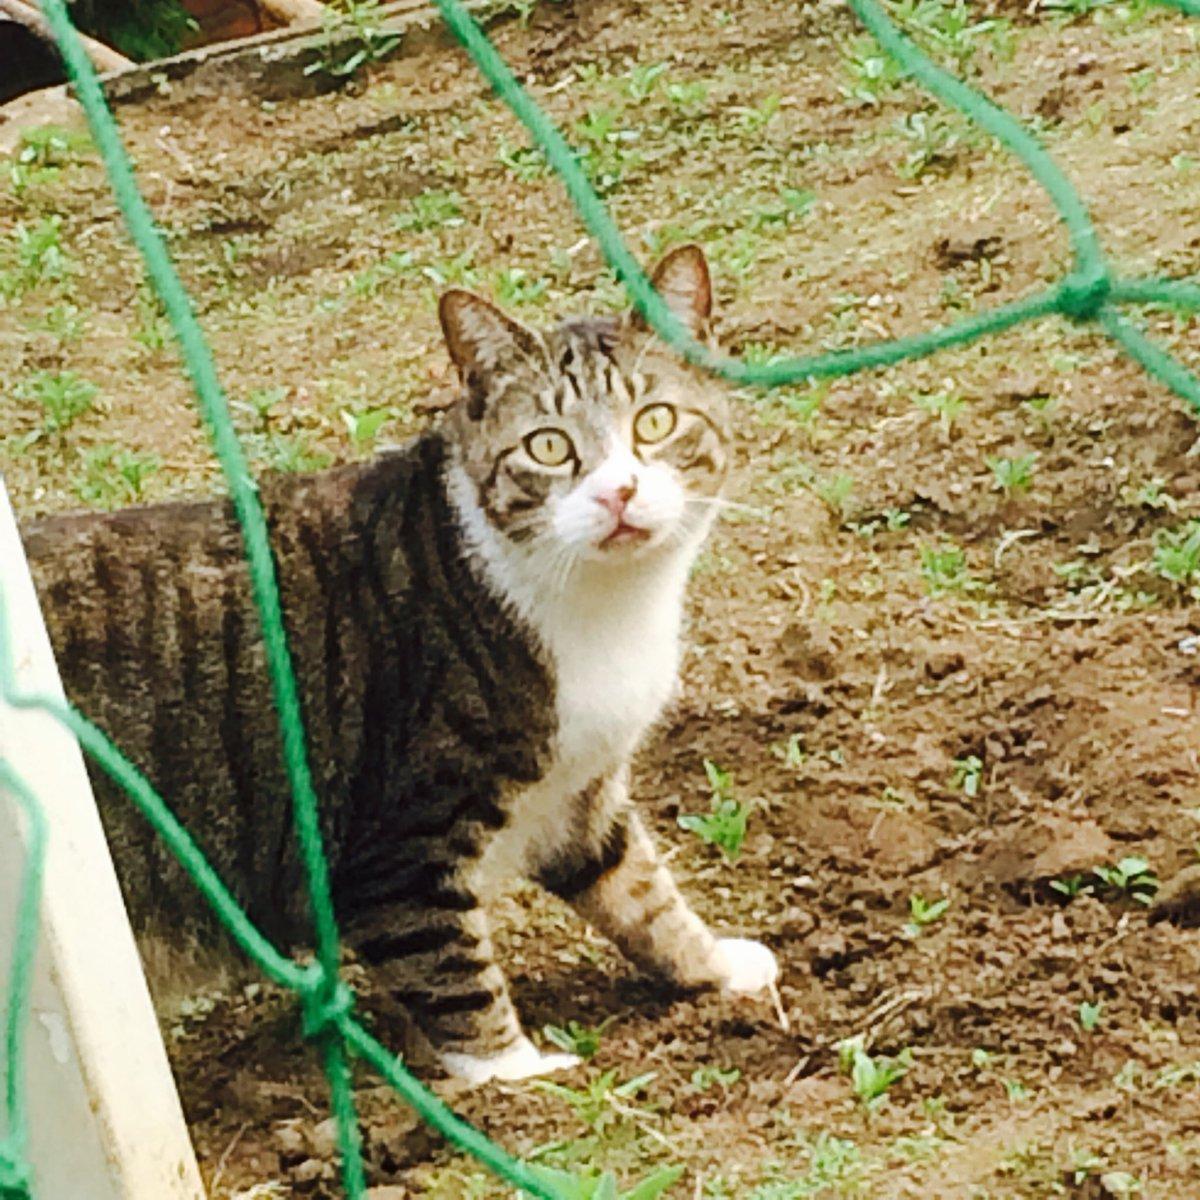 学校園で出会ったものすごくビックリした表情のネコ https://t.co/22JstbgGOY